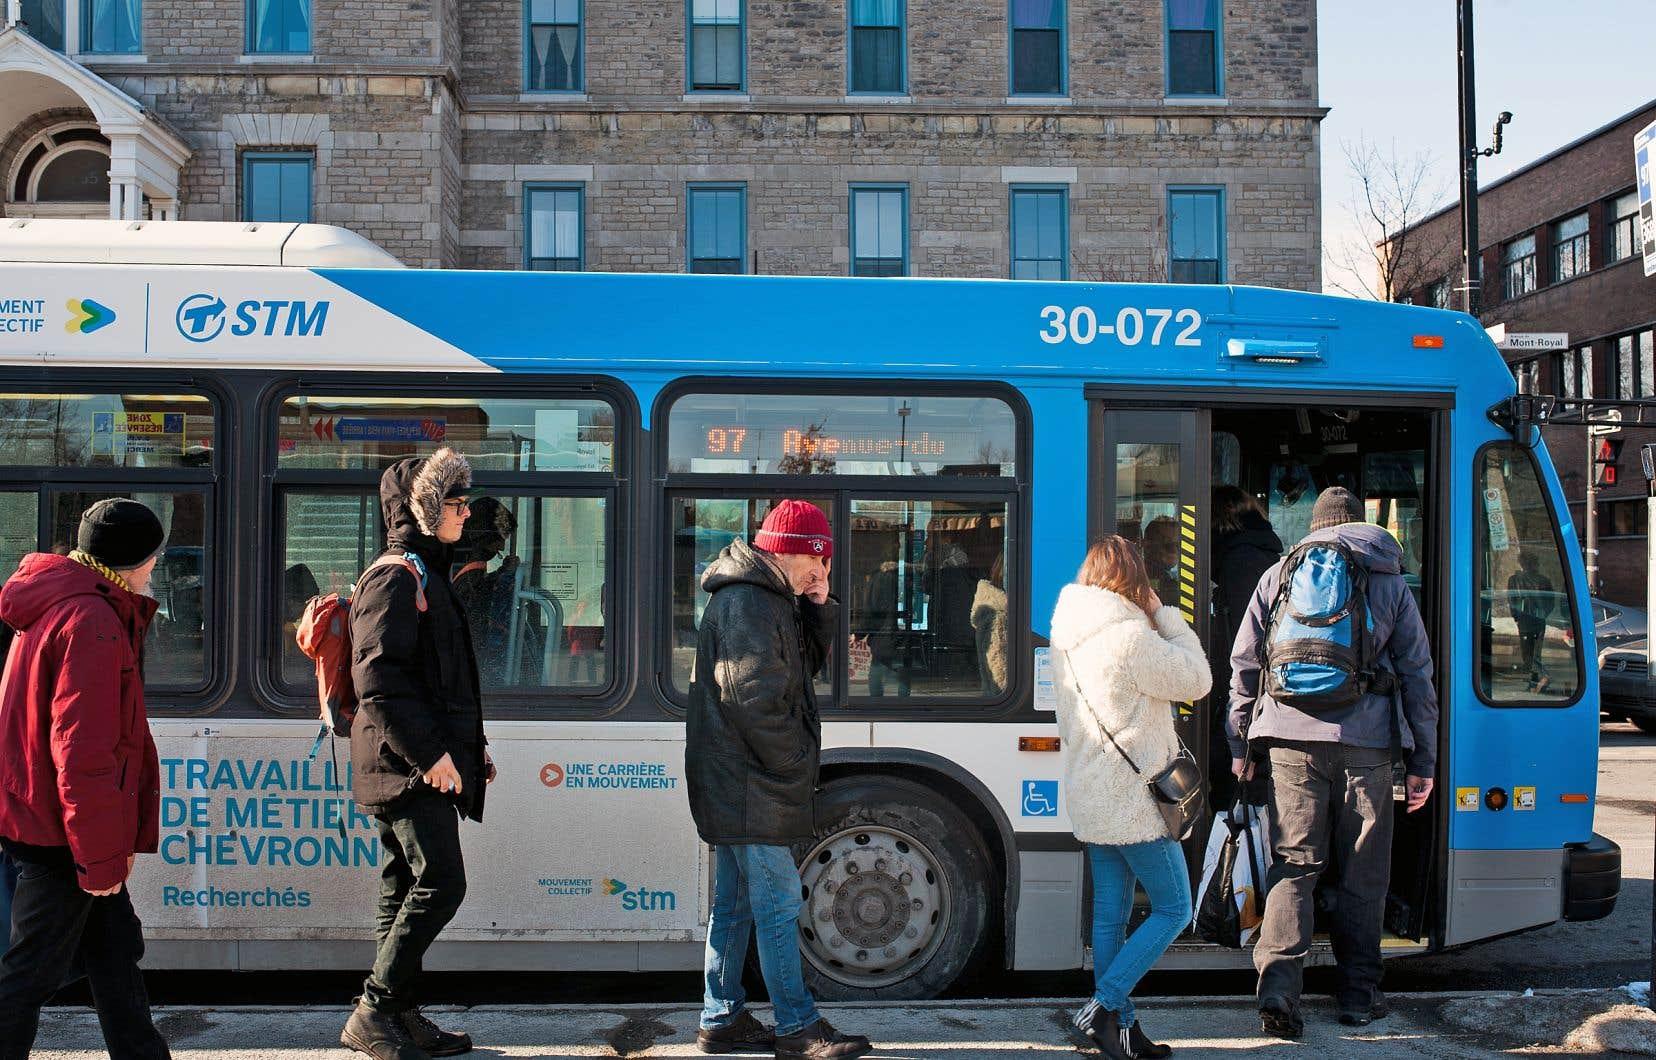 Dans son budget 2016, le gouvernement de Justin Trudeau a intégré le Fonds pour les infrastructures du transport en commun, dont la seconde phase doit permettre la mise en œuvre de projets de transports collectifs structurants.